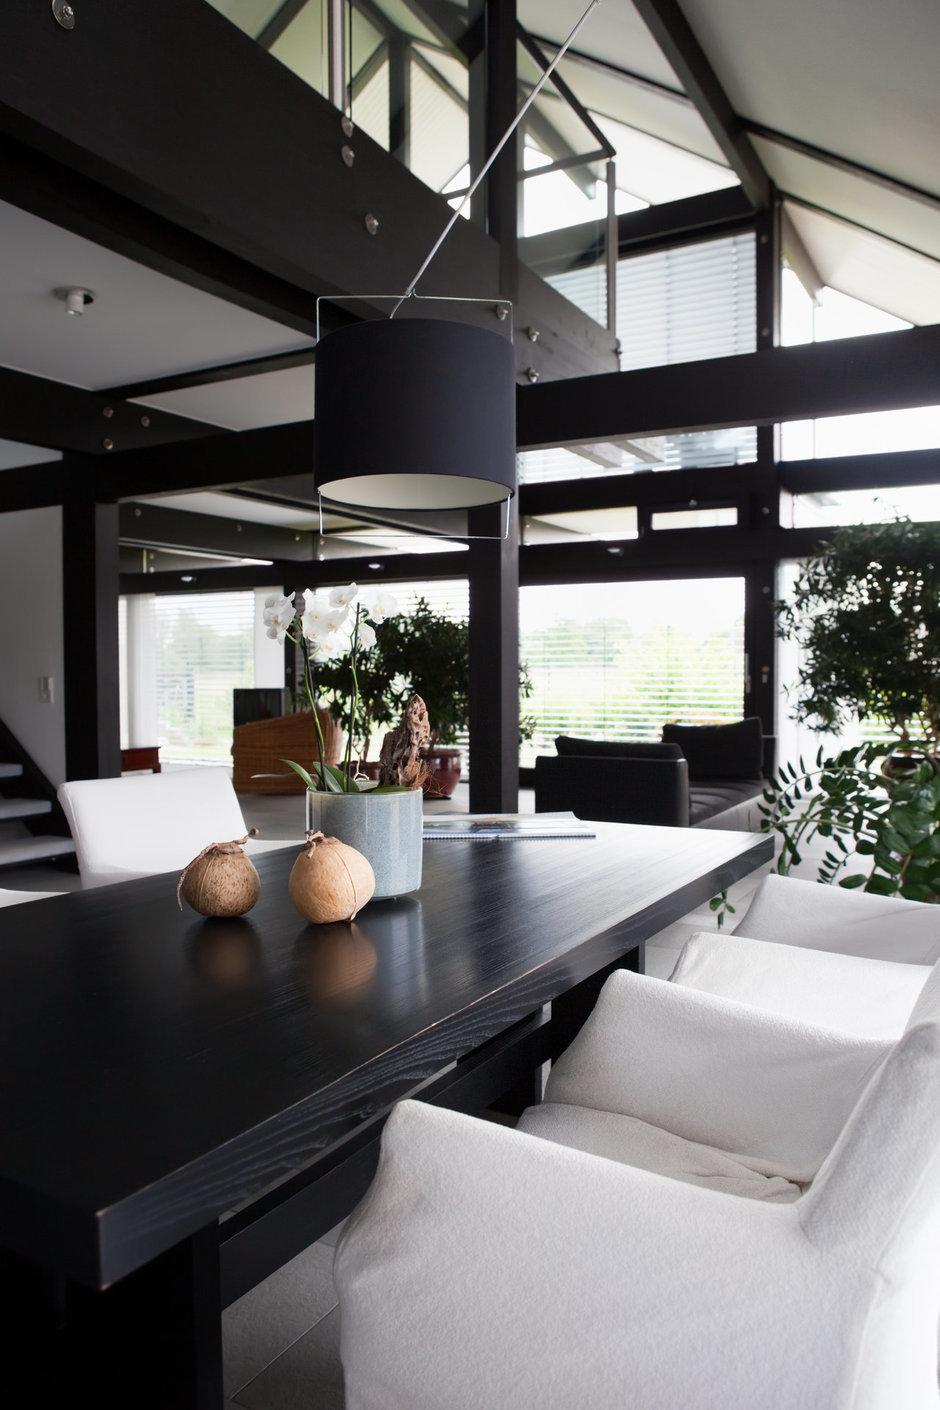 Фотография: Кухня и столовая в стиле Современный, Декор интерьера, Квартира, Дома и квартиры, Стена, Индустриальный – фото на InMyRoom.ru